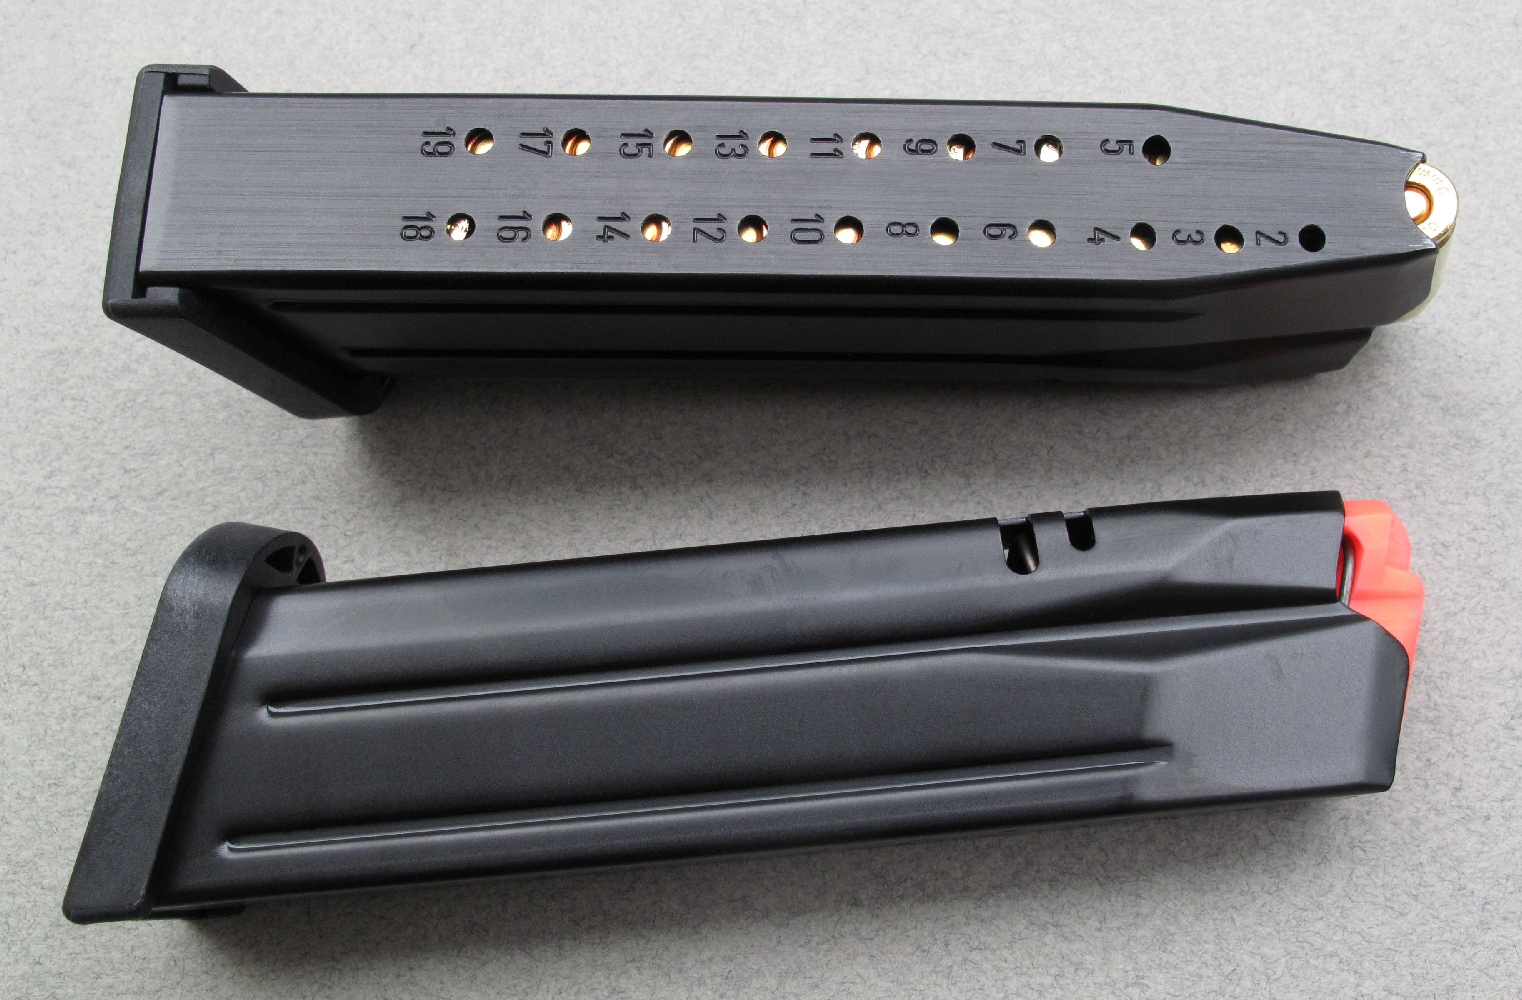 Les dix-huit trous, numérotés de 2 à 19, percés dans la paroi arrière du chargeur permettent d'en vérifier le remplissage. On notera un décalage, délibérément réalisé pour faciliter cette lecture en fonction du positionnement du culot des cartouches.